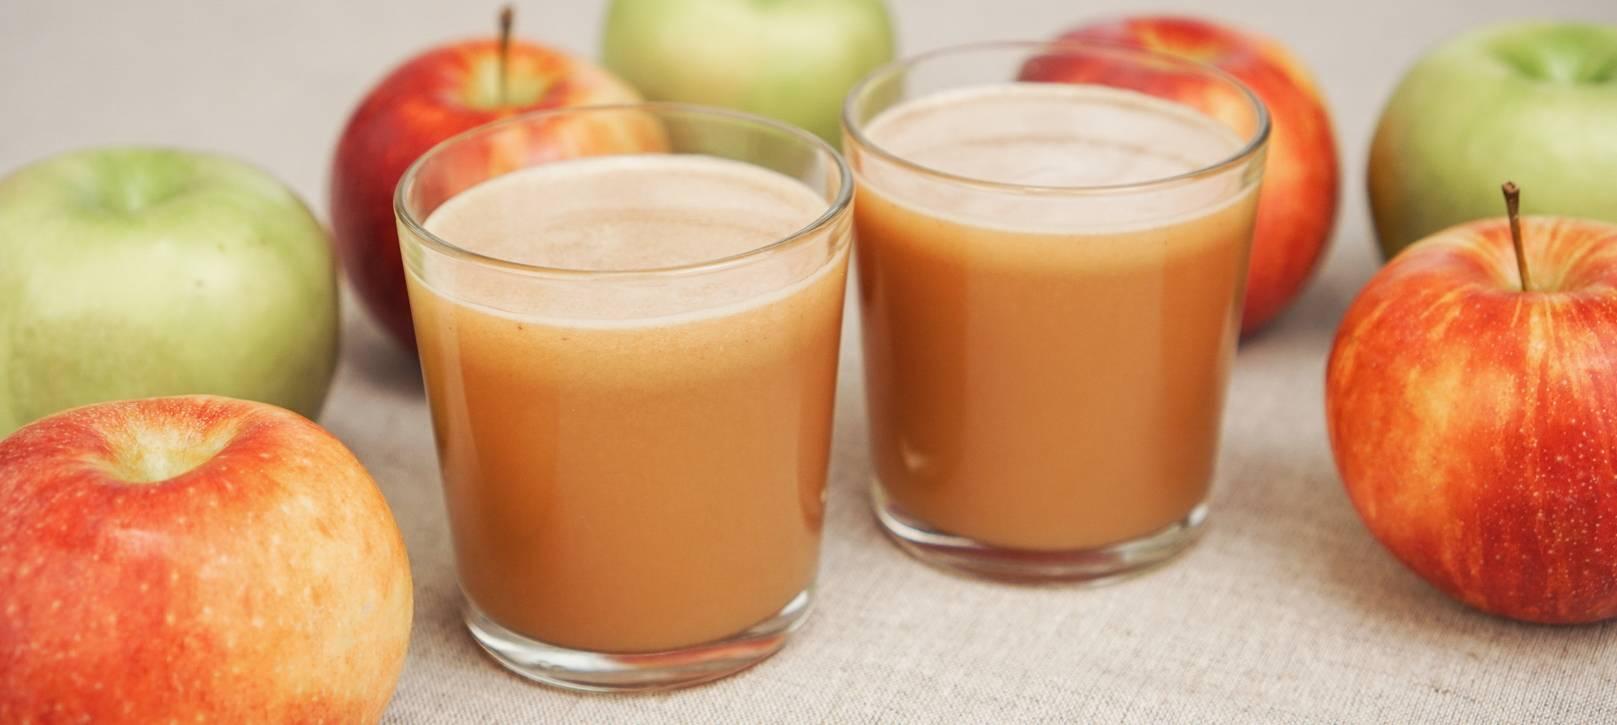 Яблочный сок: польза и вред для организма, состав, рецепты на зиму